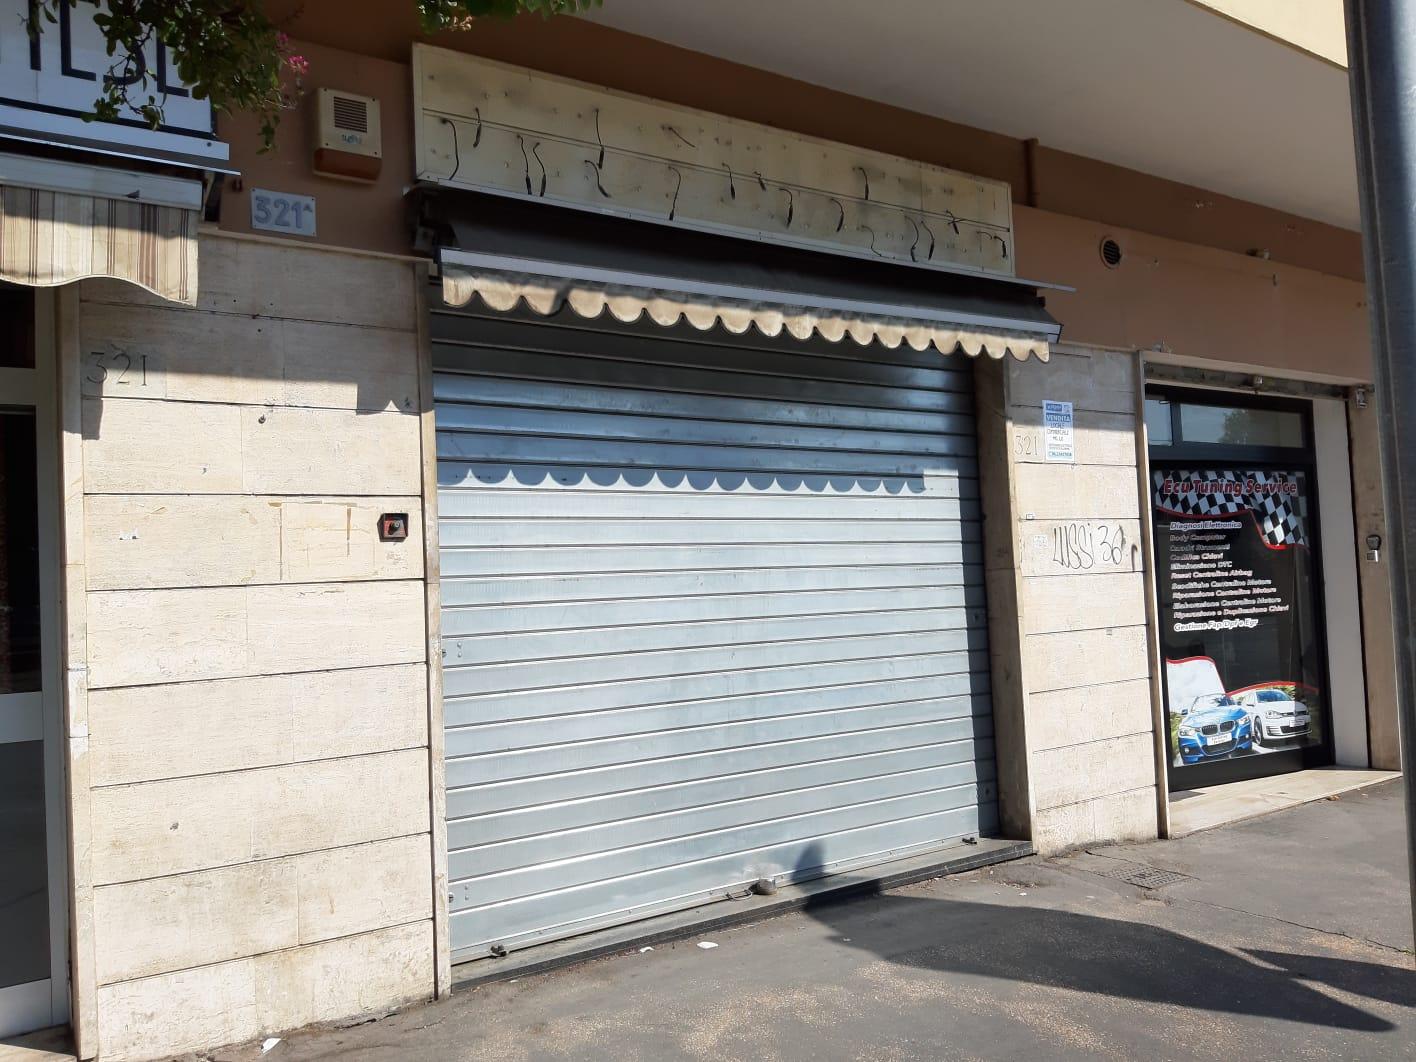 1118415662 Locale commerciale in vendita Roma Villa Gordiani